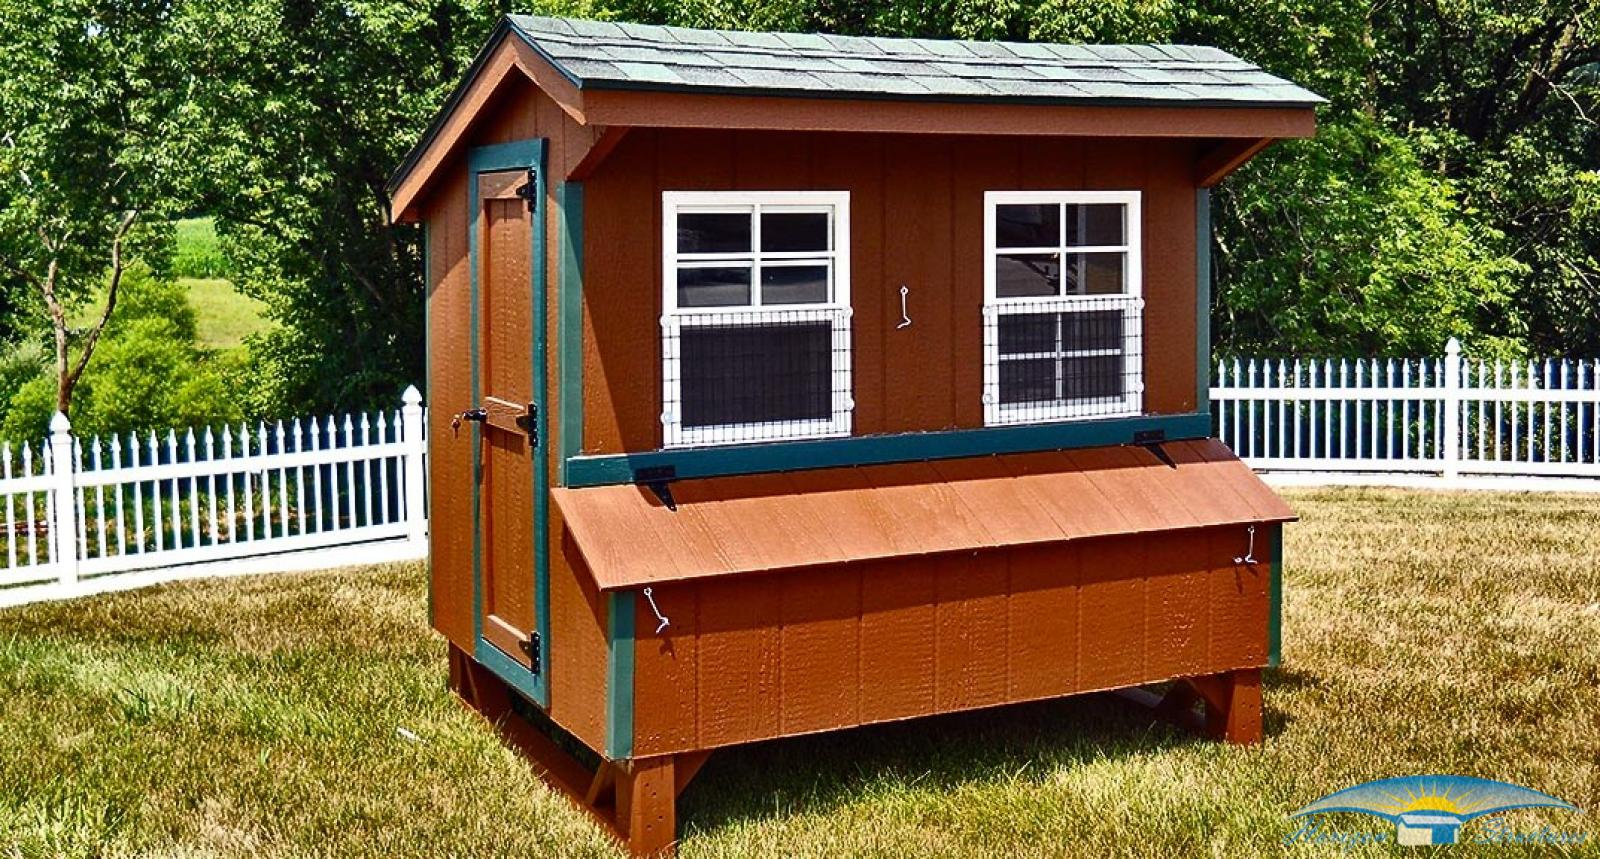 chicken-coop-5x6-brown-siding-green-trim_0